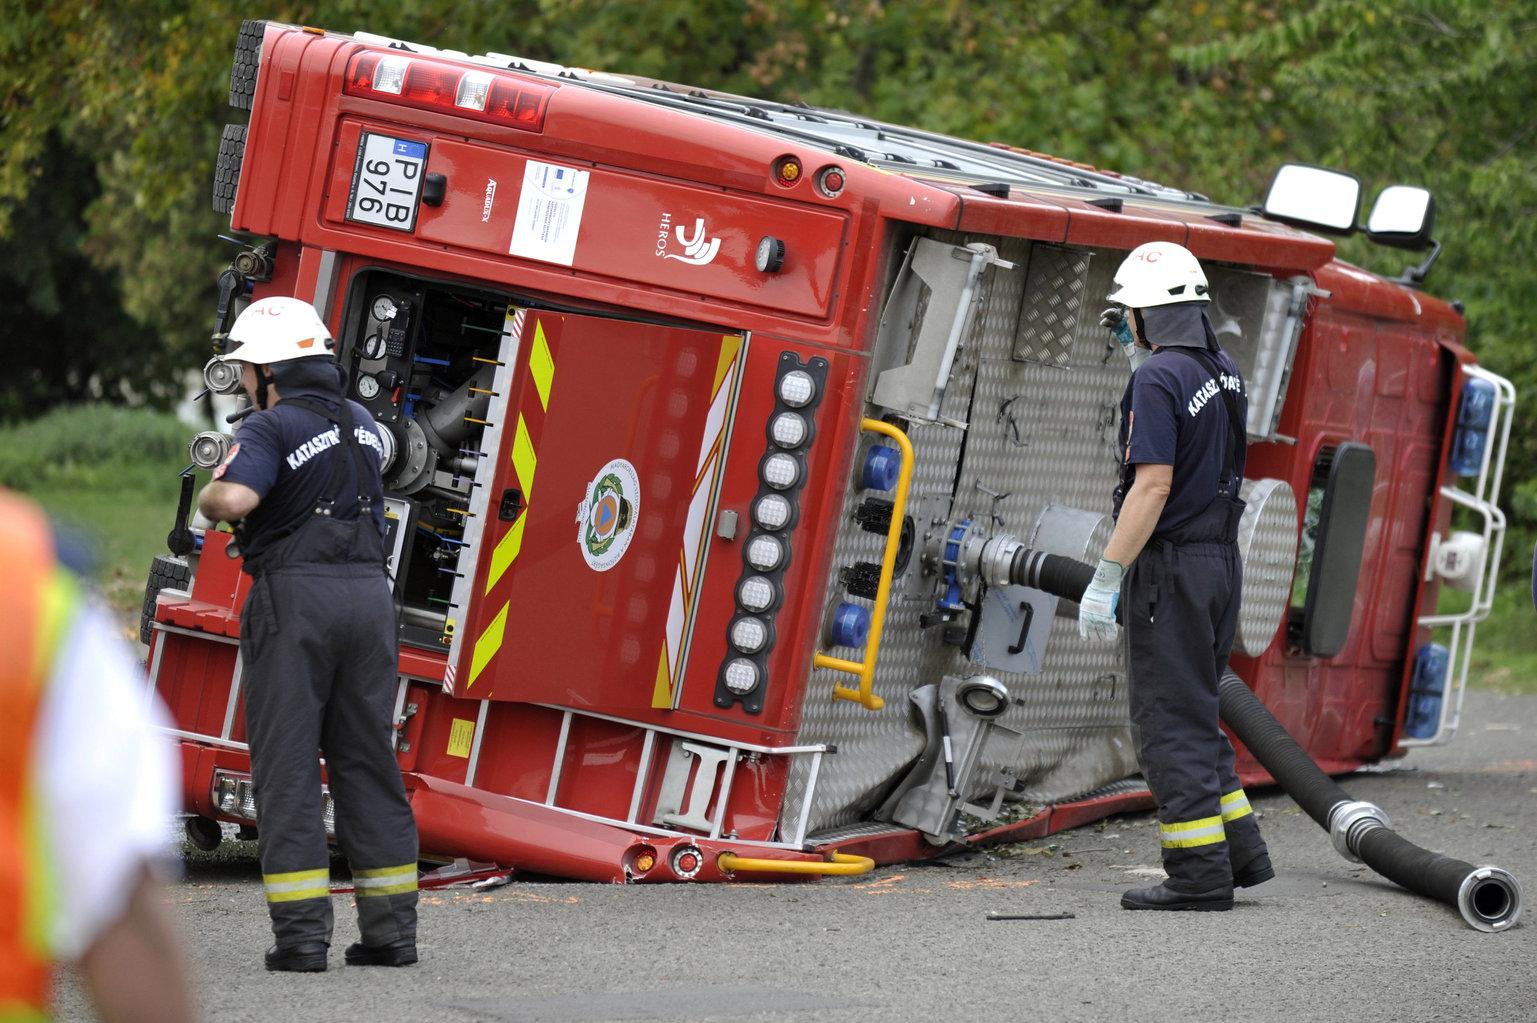 Oldalára borult tűzoltóautó Vácon 2019. szeptember 17-én (Fotó: MTI/Mihádák Zoltán)